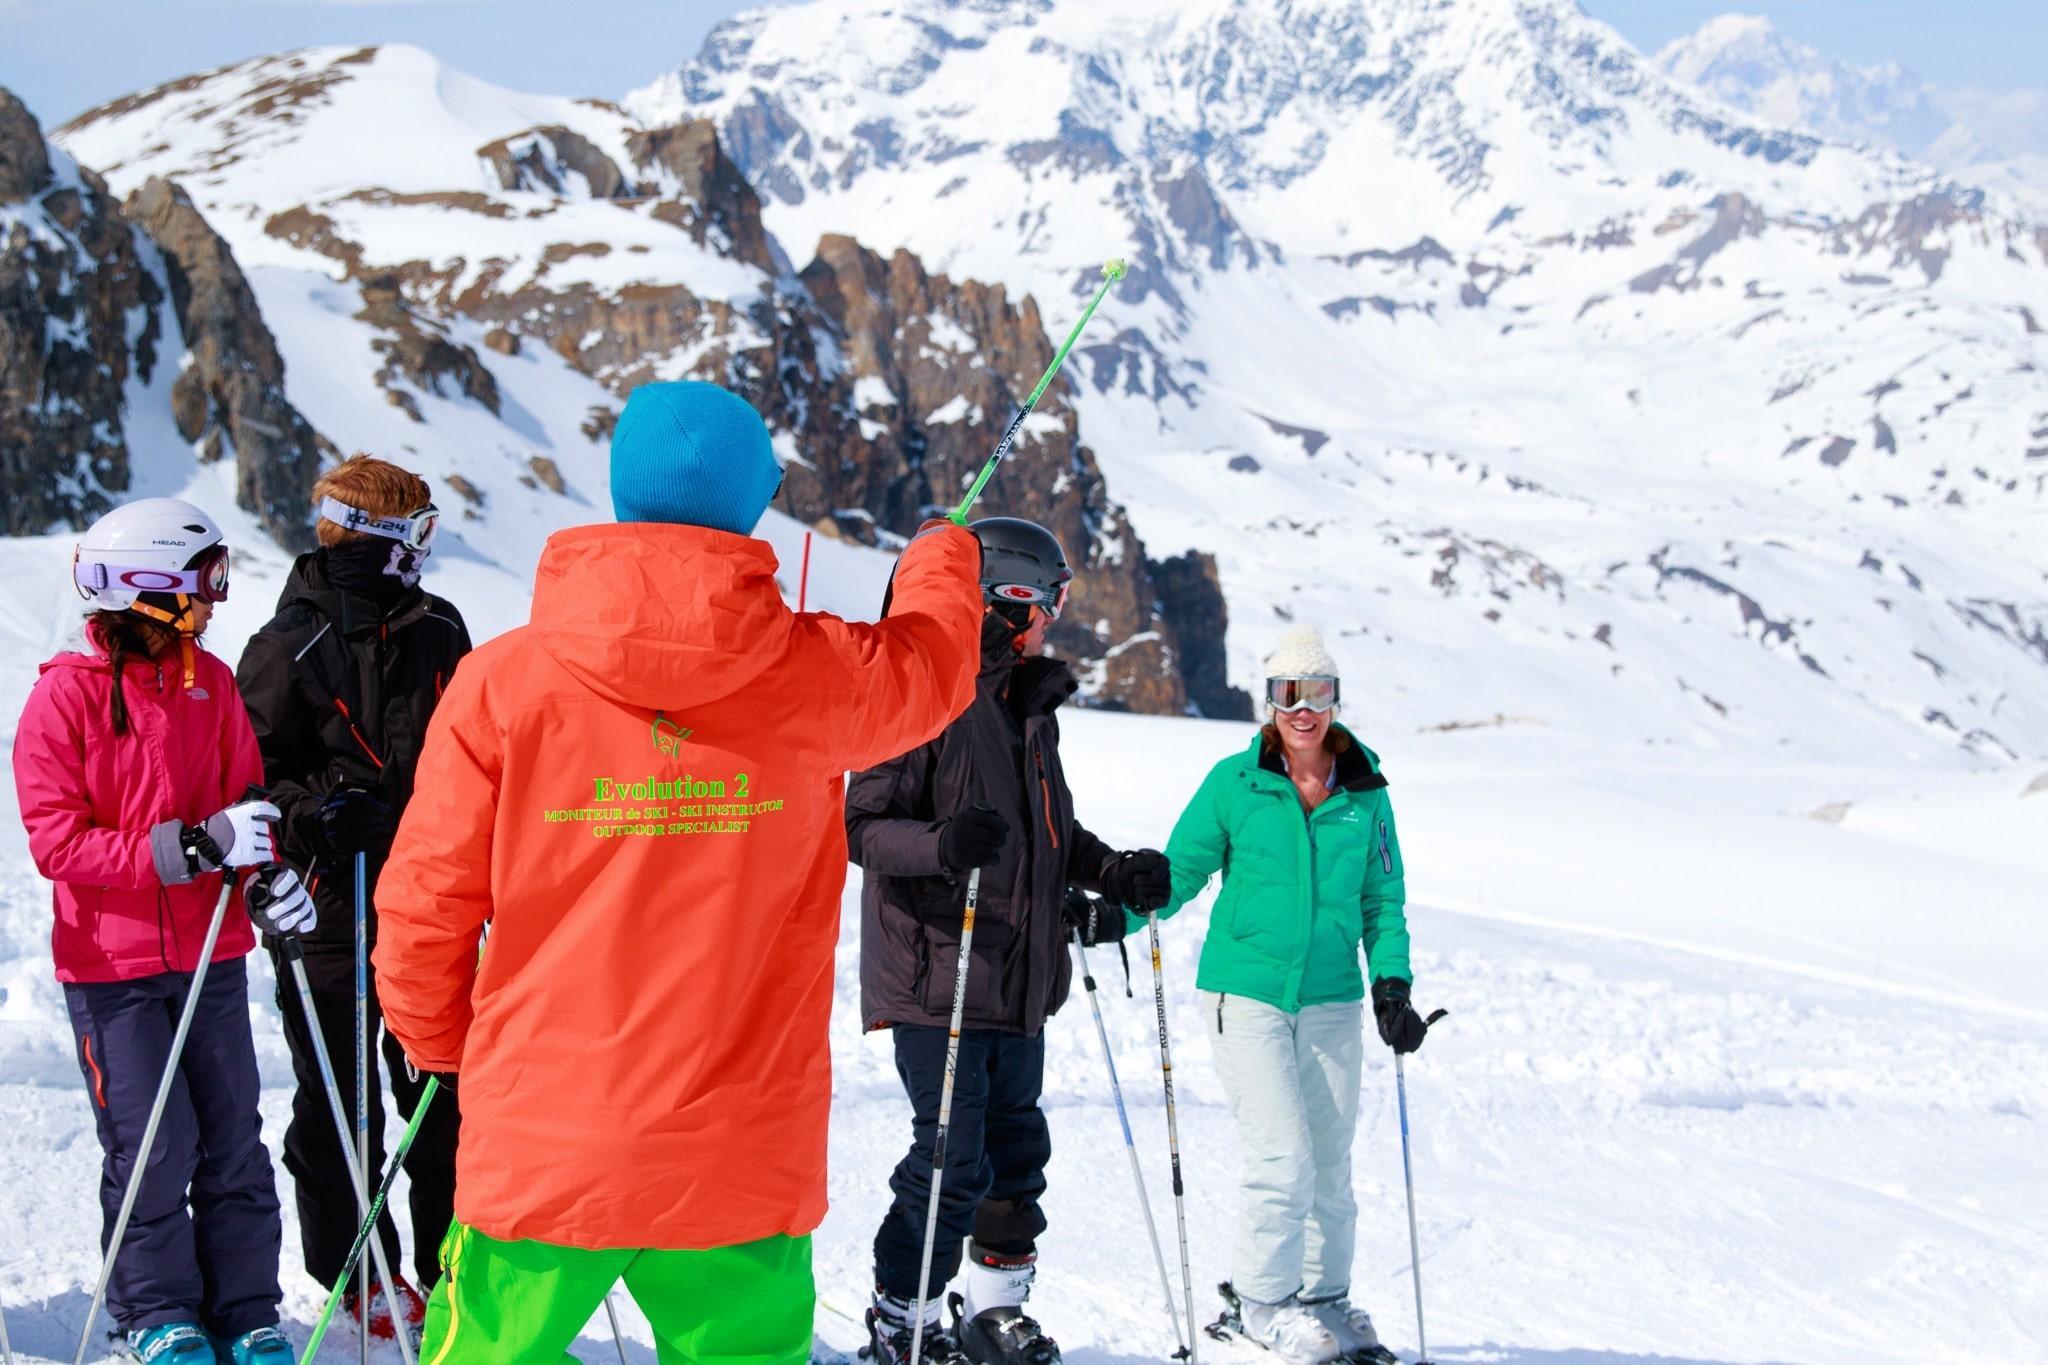 Cours de ski Adultes (14+ ans) pour Tous niveaux - Vacances